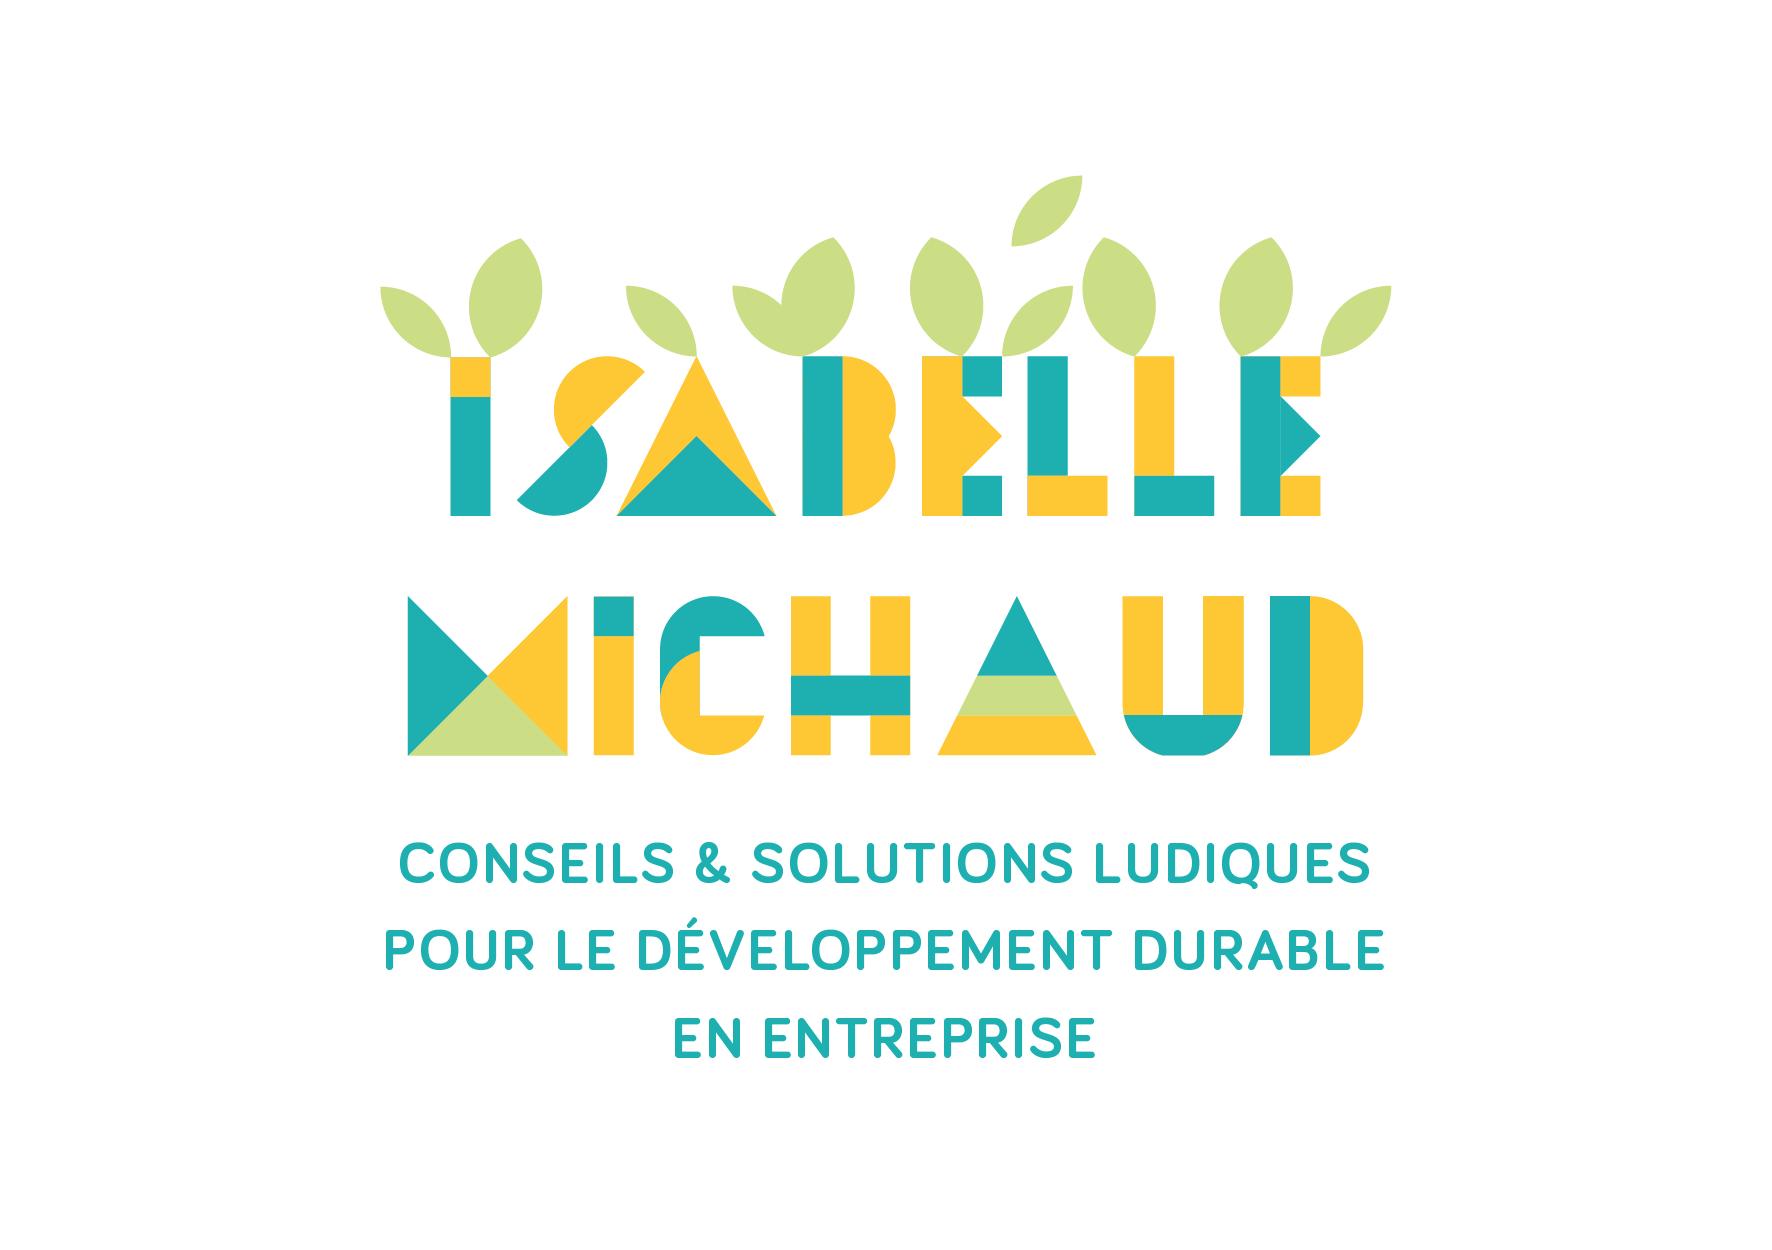 2nde version logo - Isabelle Michaud